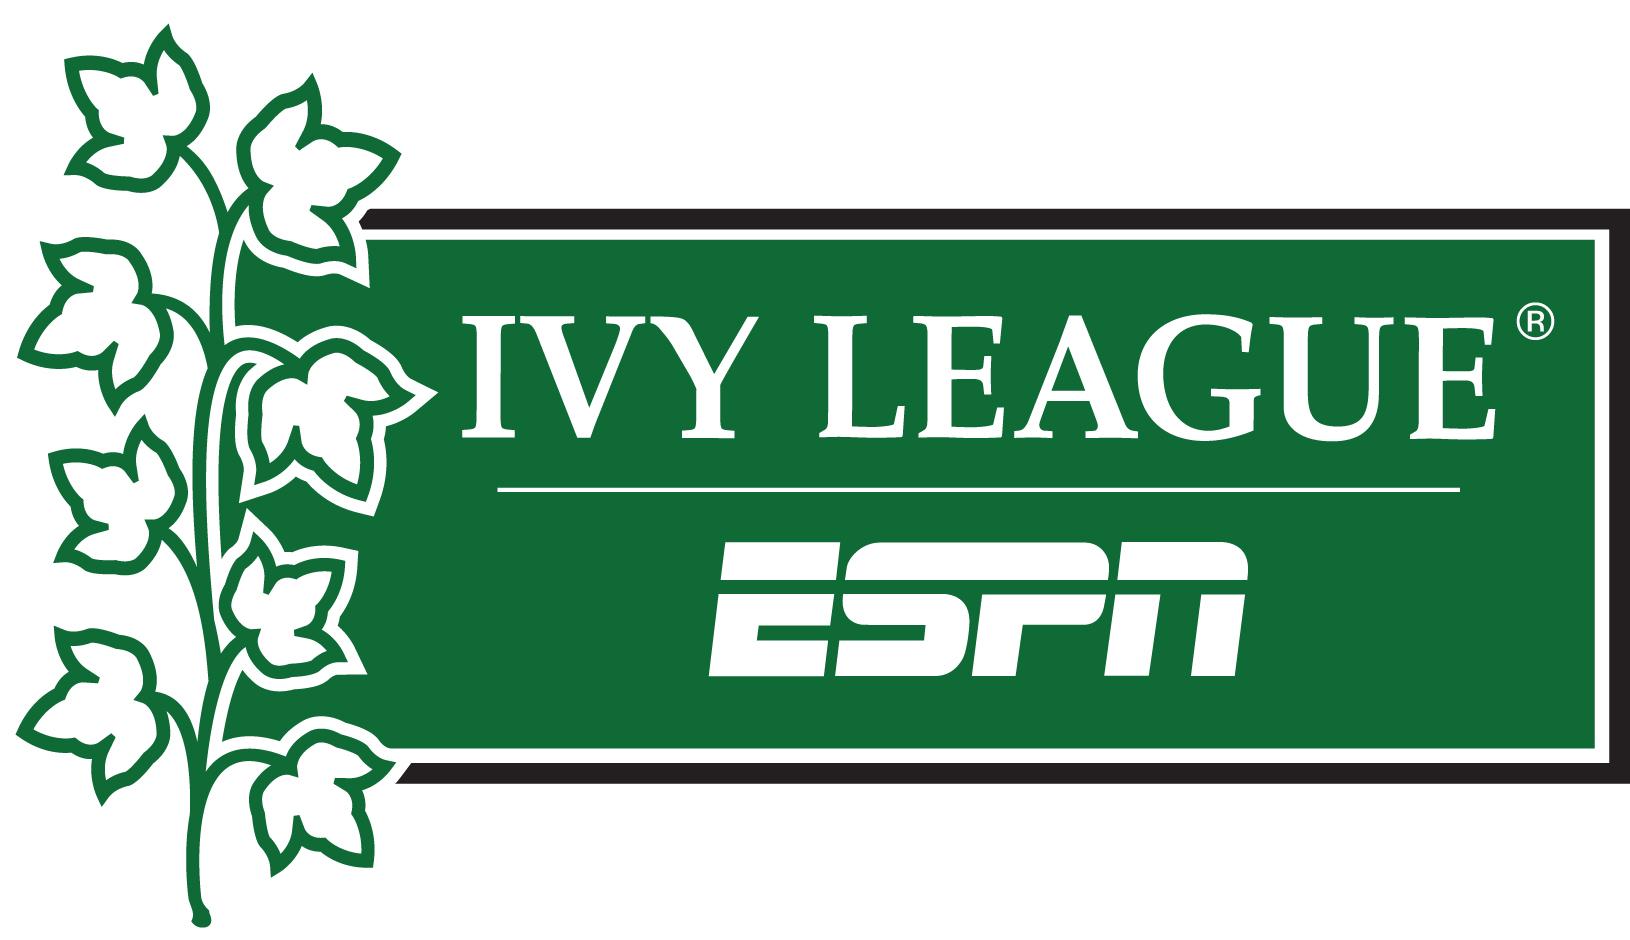 The Ivy League on ESPN.